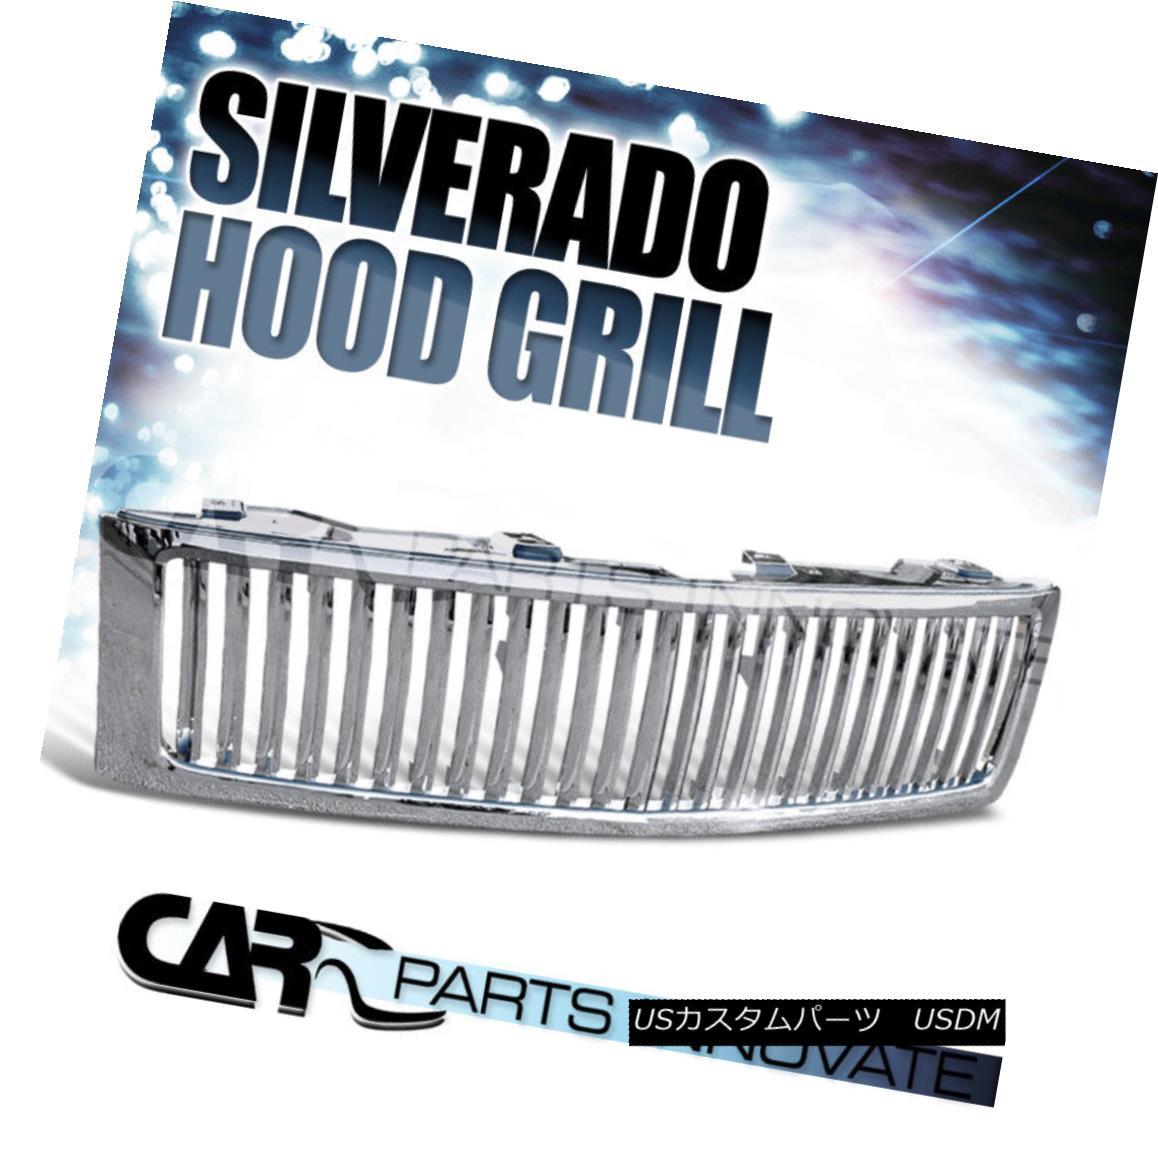 グリル Chevy 07-13 Silverado 1500 Pickup Vertical Chrome Front Bumper Hood Grille Chevy 07-13 Silverado 1500 Pickup垂直クロムフロントバンパーフードグリル